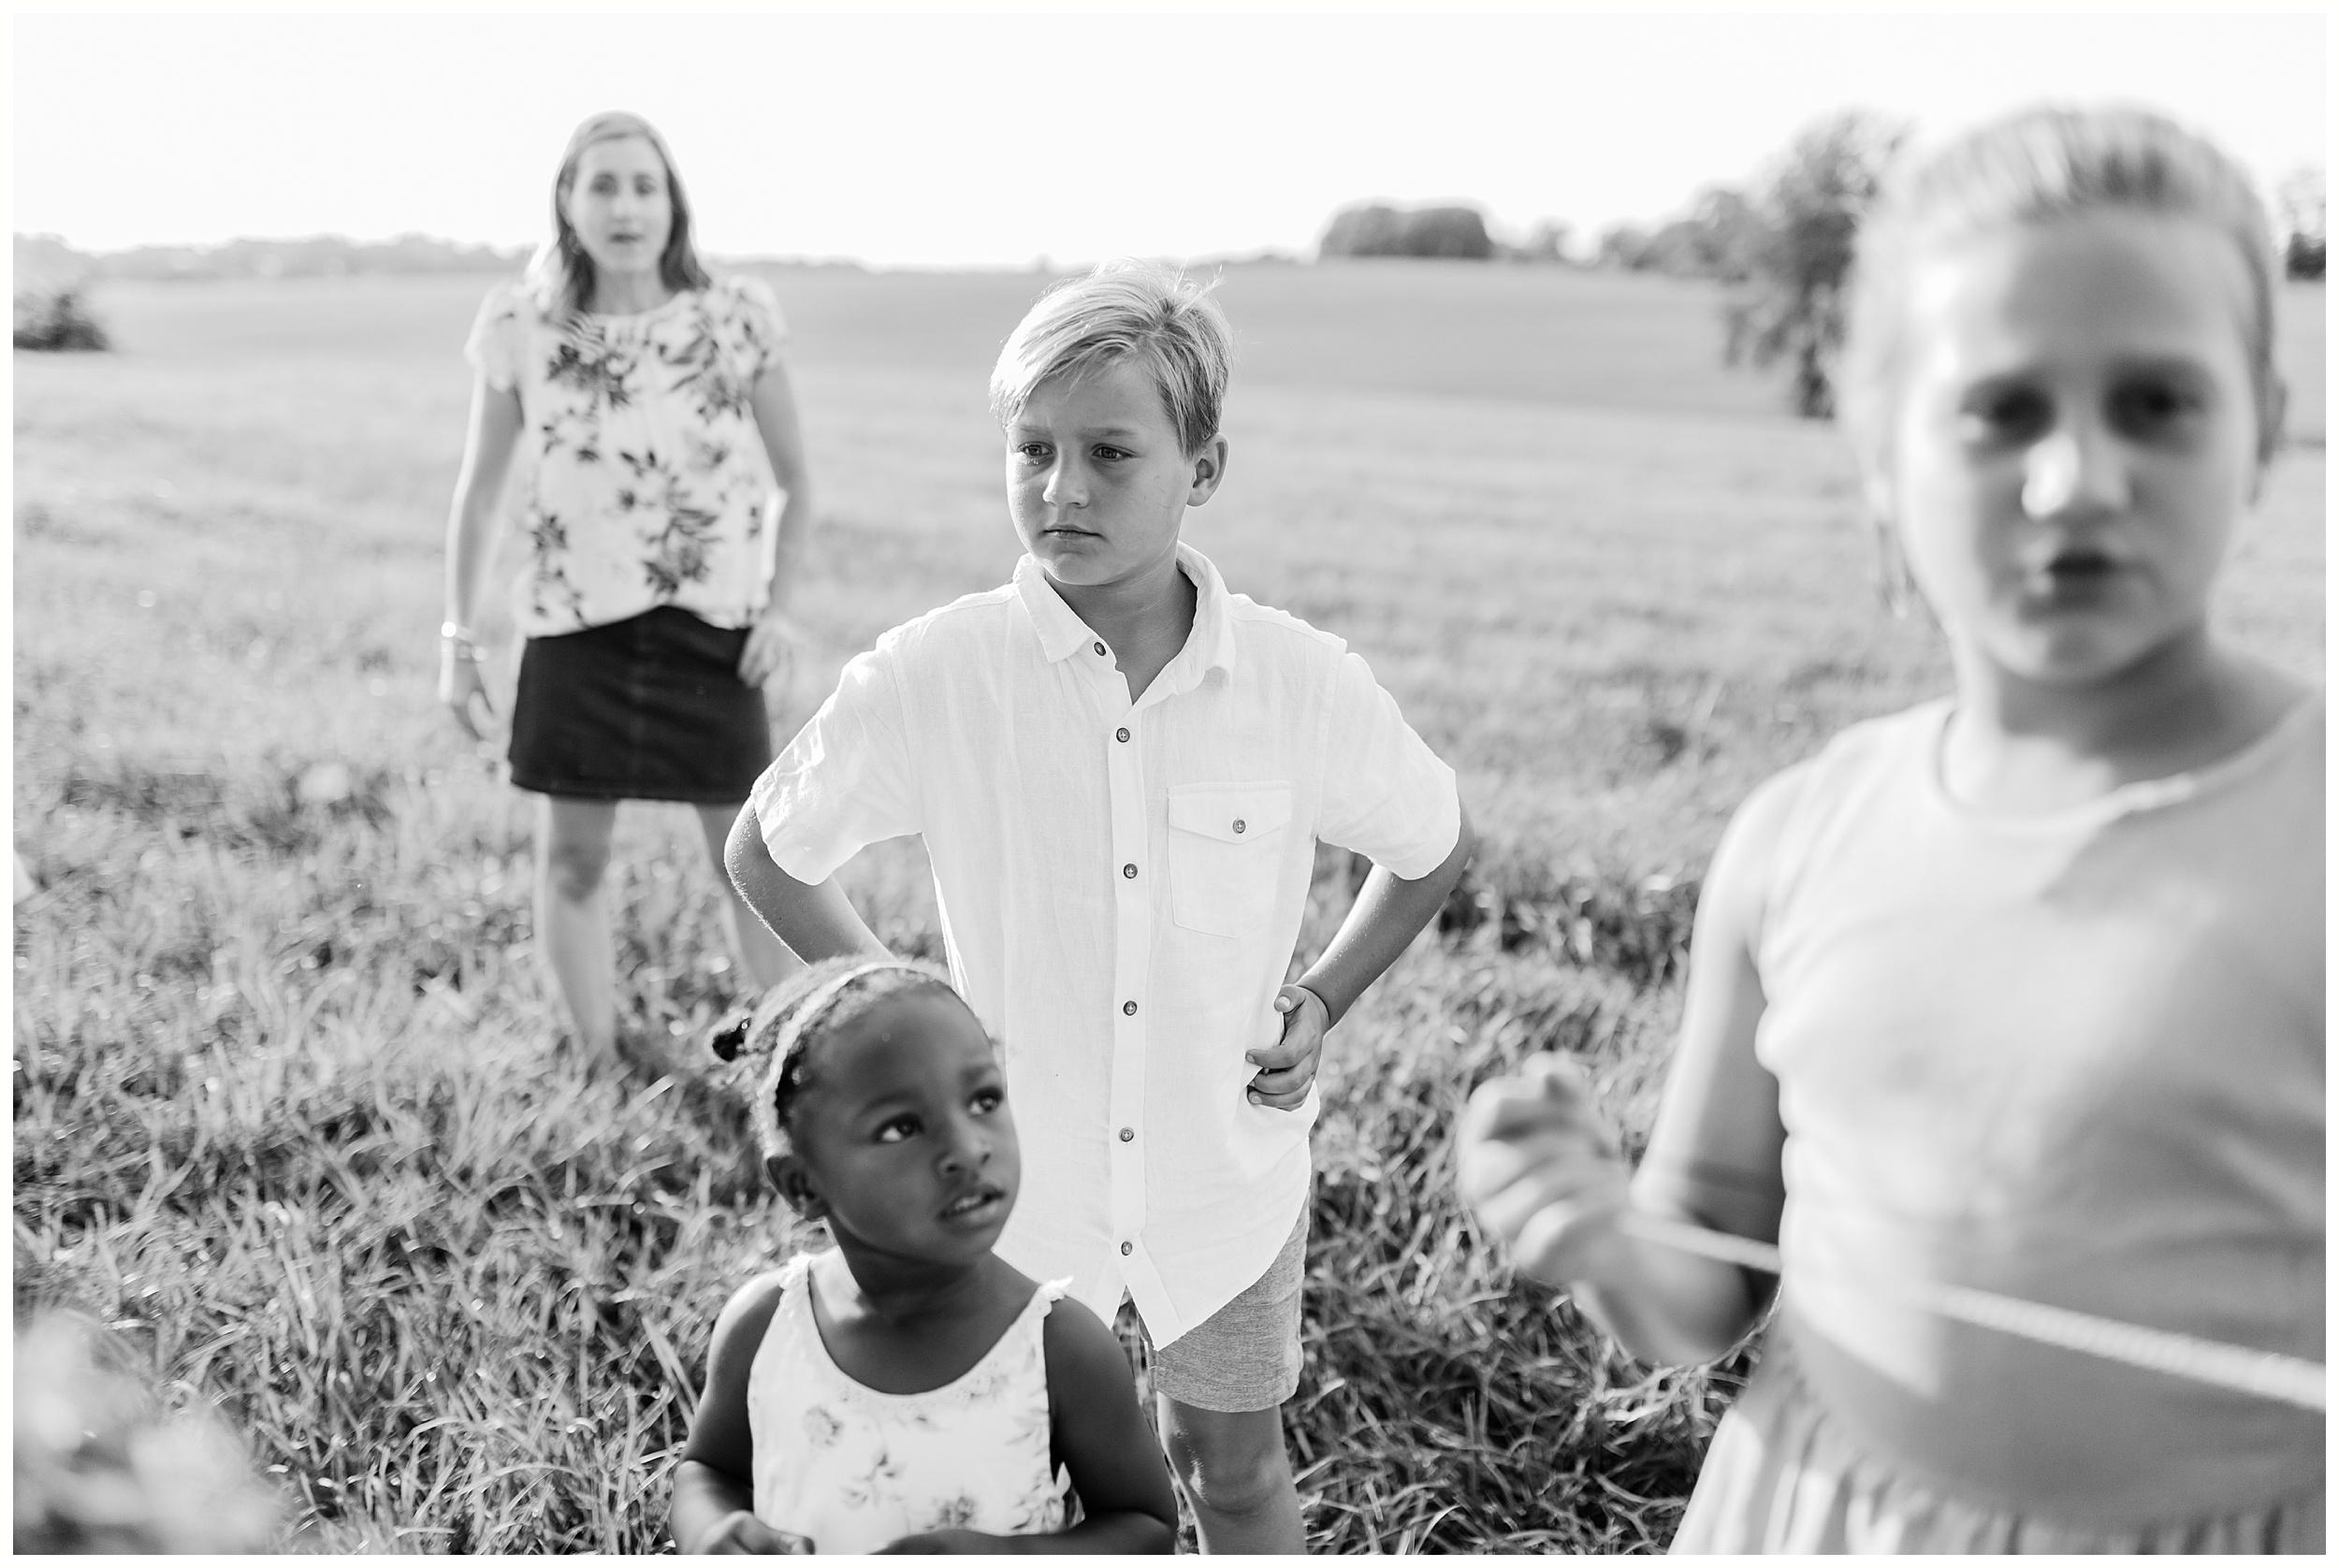 lexington-ky-family-lifestyle-photographer-priscilla-baierlein_1294.jpg